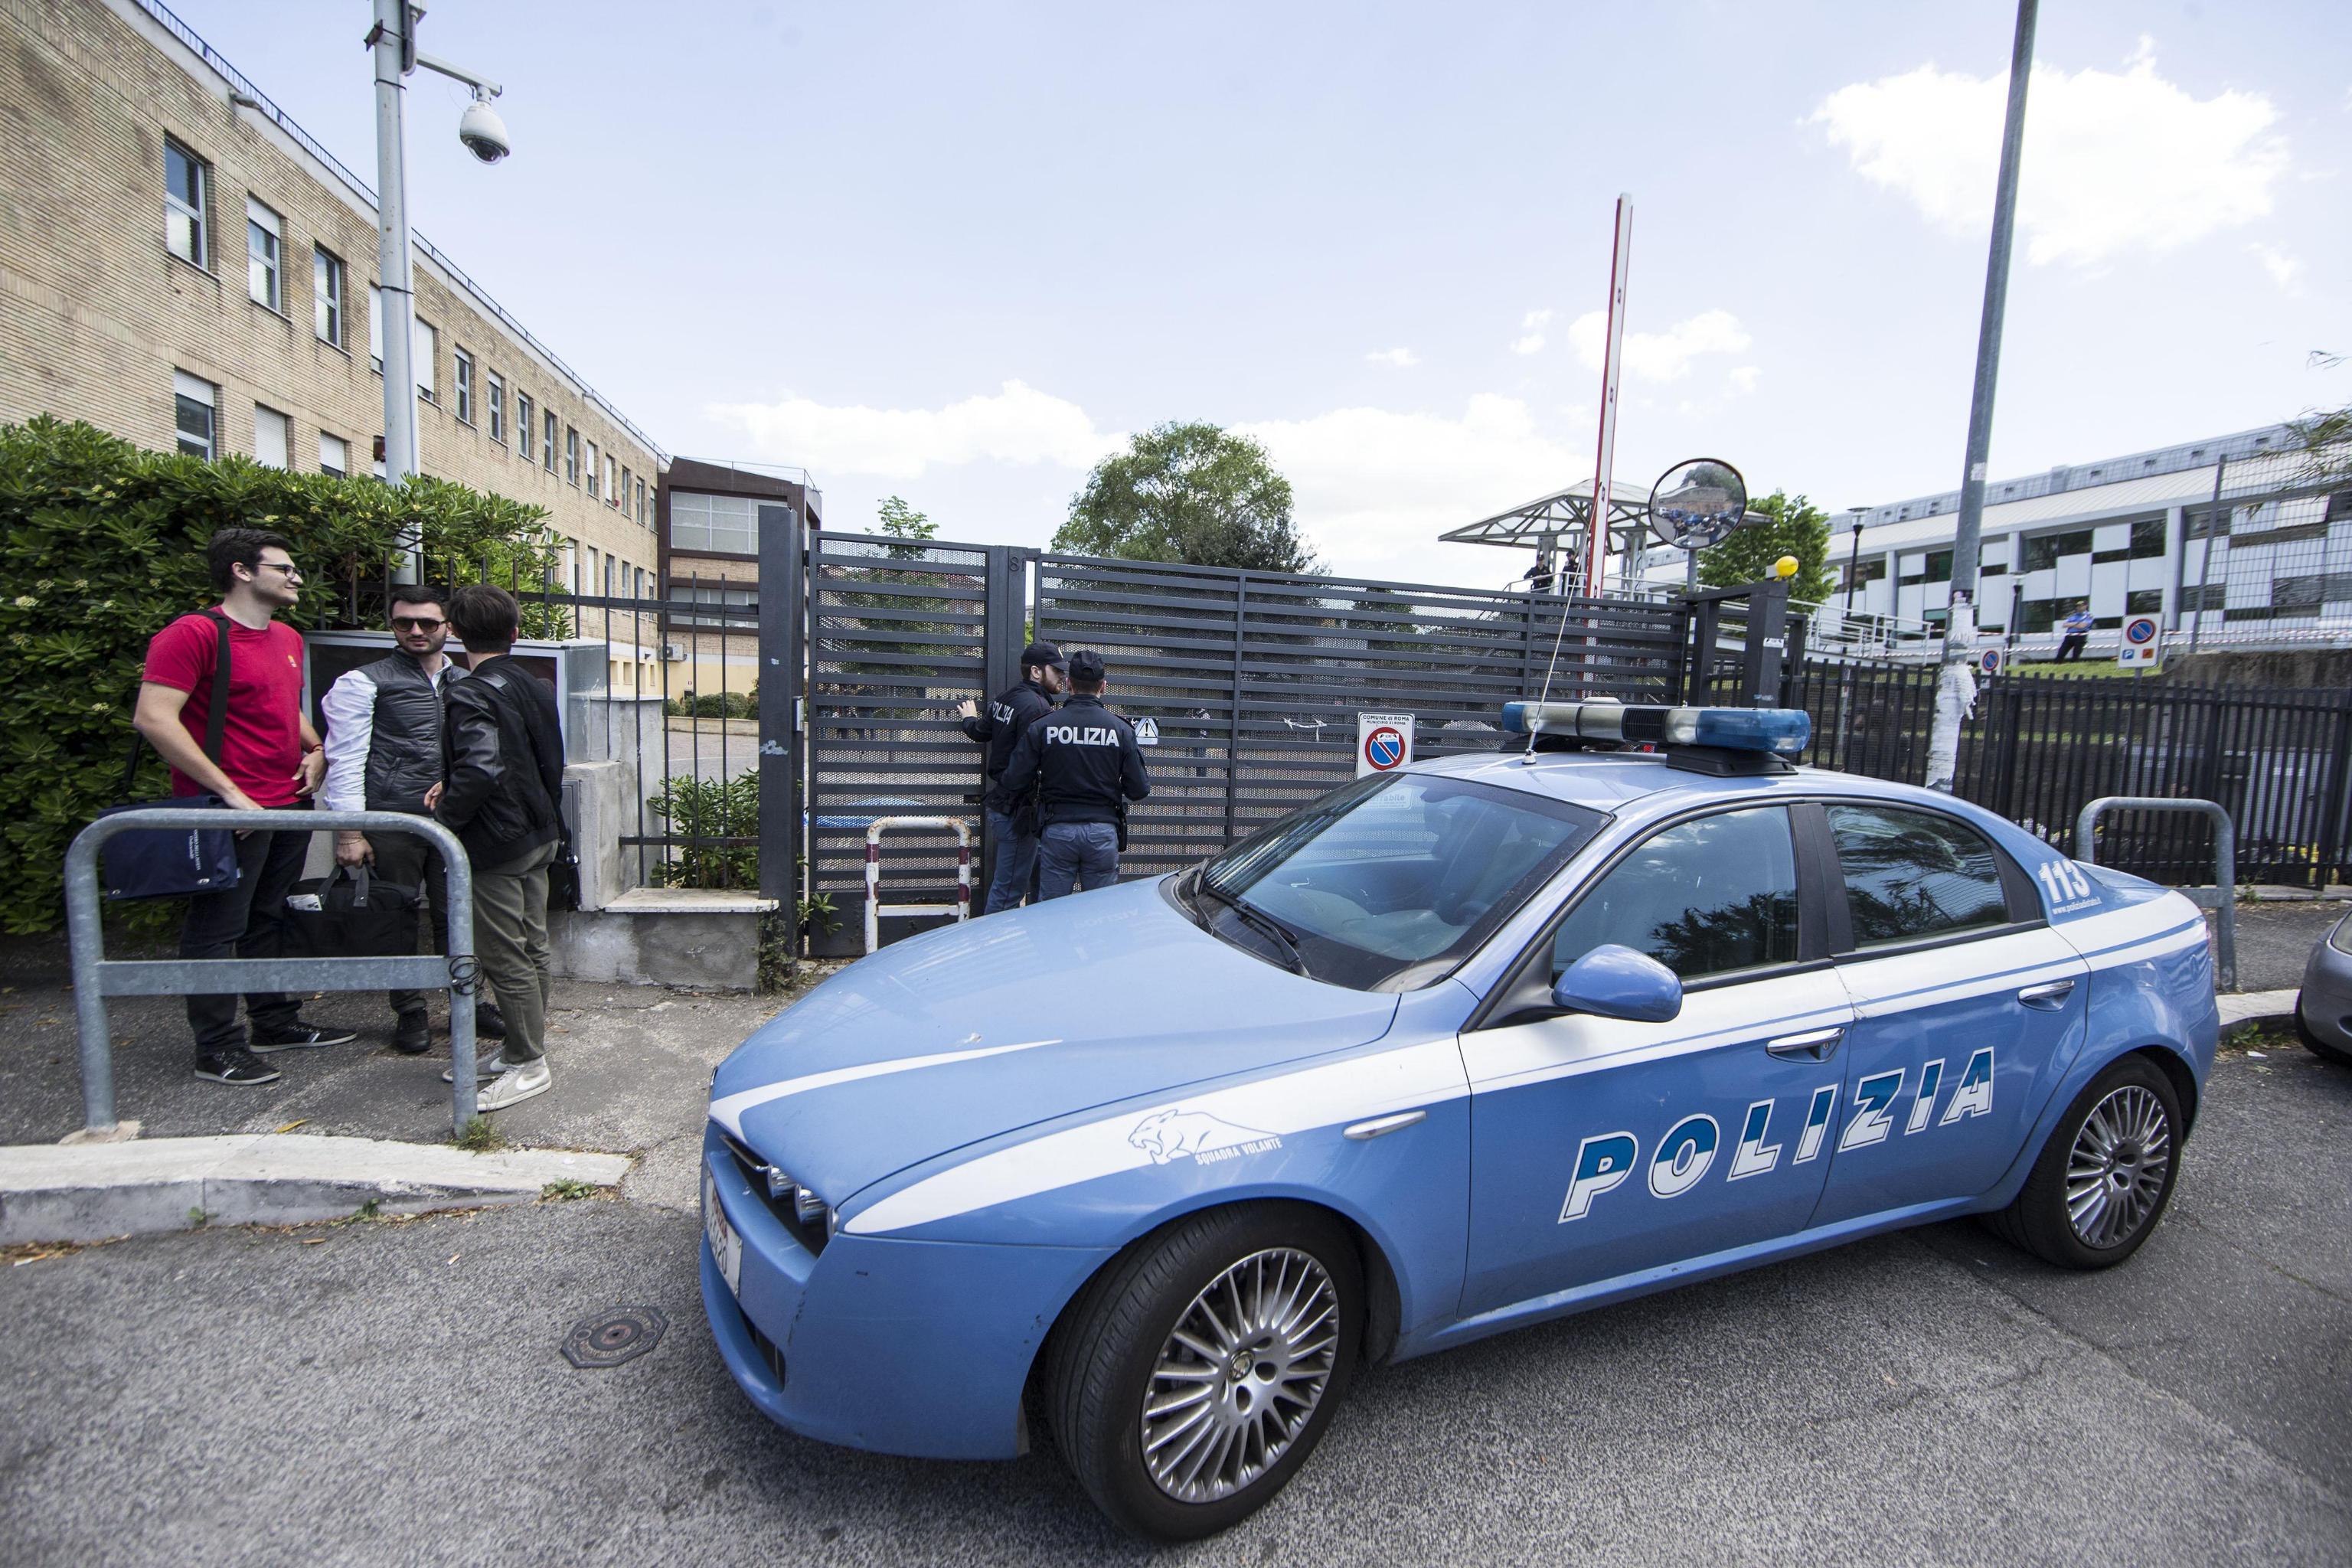 Tentano di rapire bimbo di 10 mesi a Roma: caccia a quattro nomadi